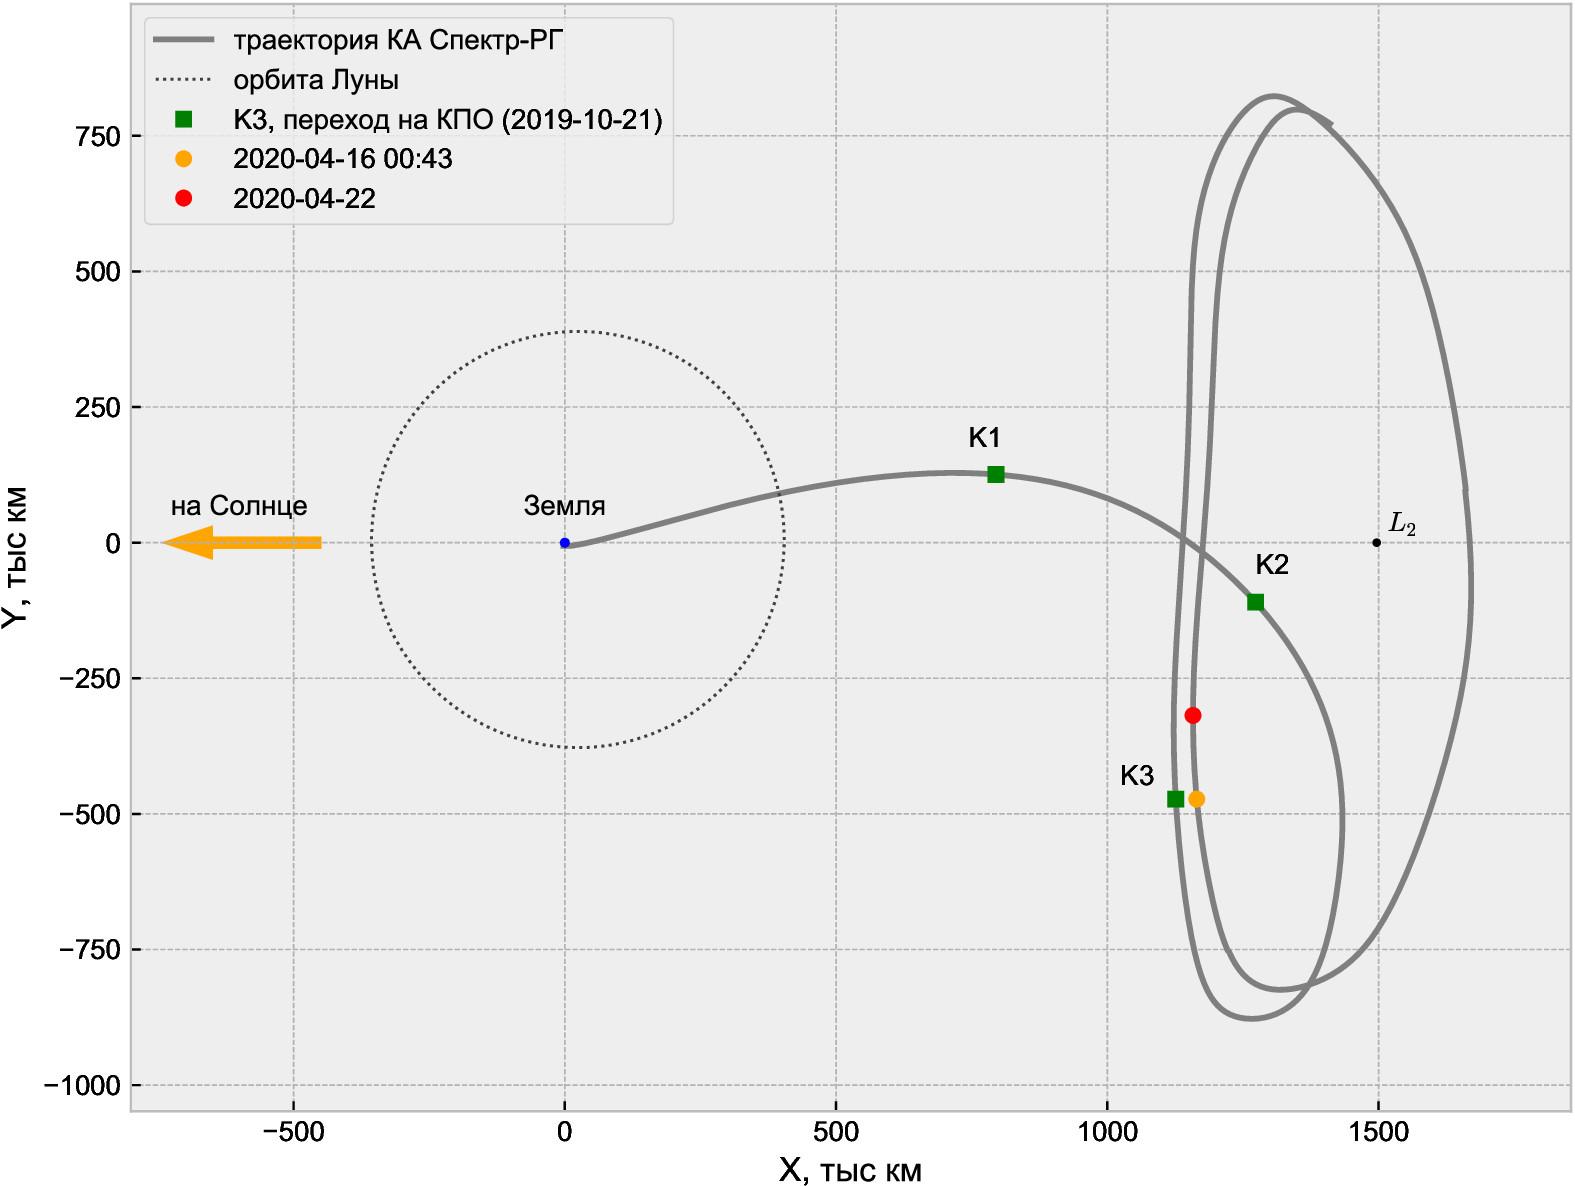 Проекция траектории КА «Спектр-РГ» на плоскость эклиптики. Пунктиром обозначена орбита Луны. Зеленые квадраты — моменты проведения трех коррекций траектории на перелете: К1, К2, К3. Оранжевым отмечен момент «замыкания» рабочей орбиты после полного оборота (орбита незамкнута). Красный кружок — положение КА через полгода после выхода на рабочую орбиту (квазипериодическая орбита, или КПО). Изображение: ИПМ им. М. В. Келдыша РАН